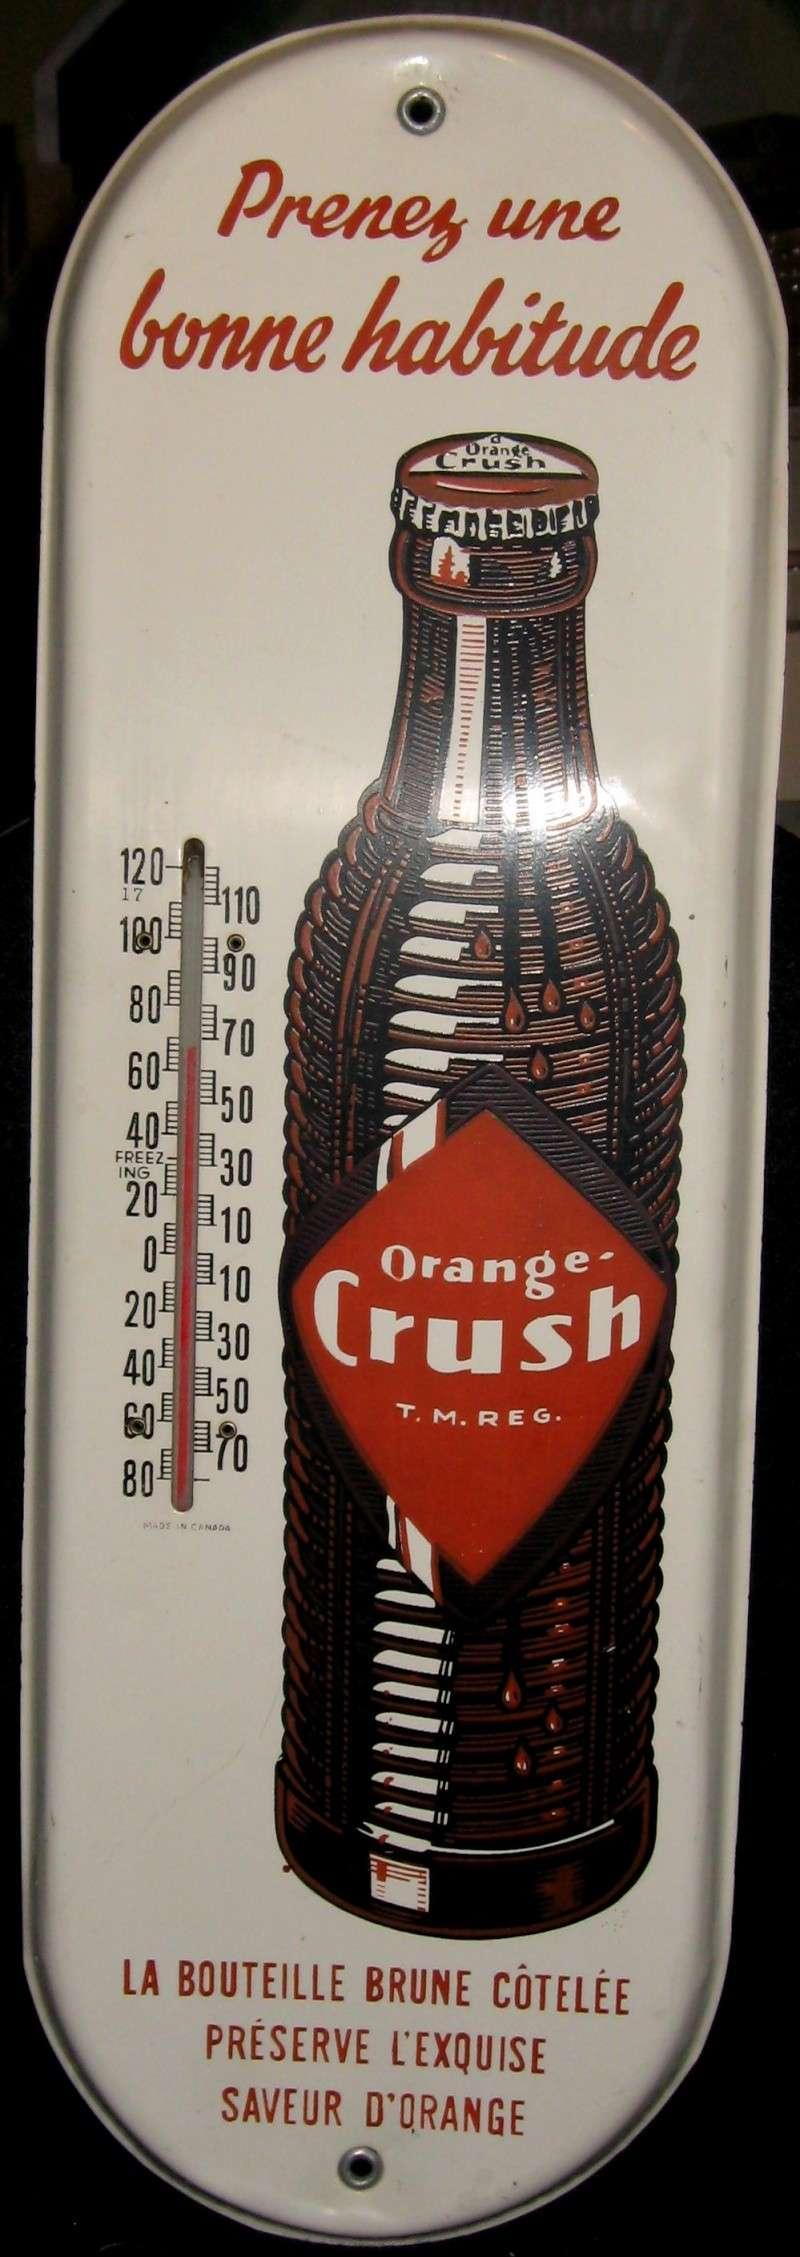 j ai trouver ma crush 30 oz  Img_8110